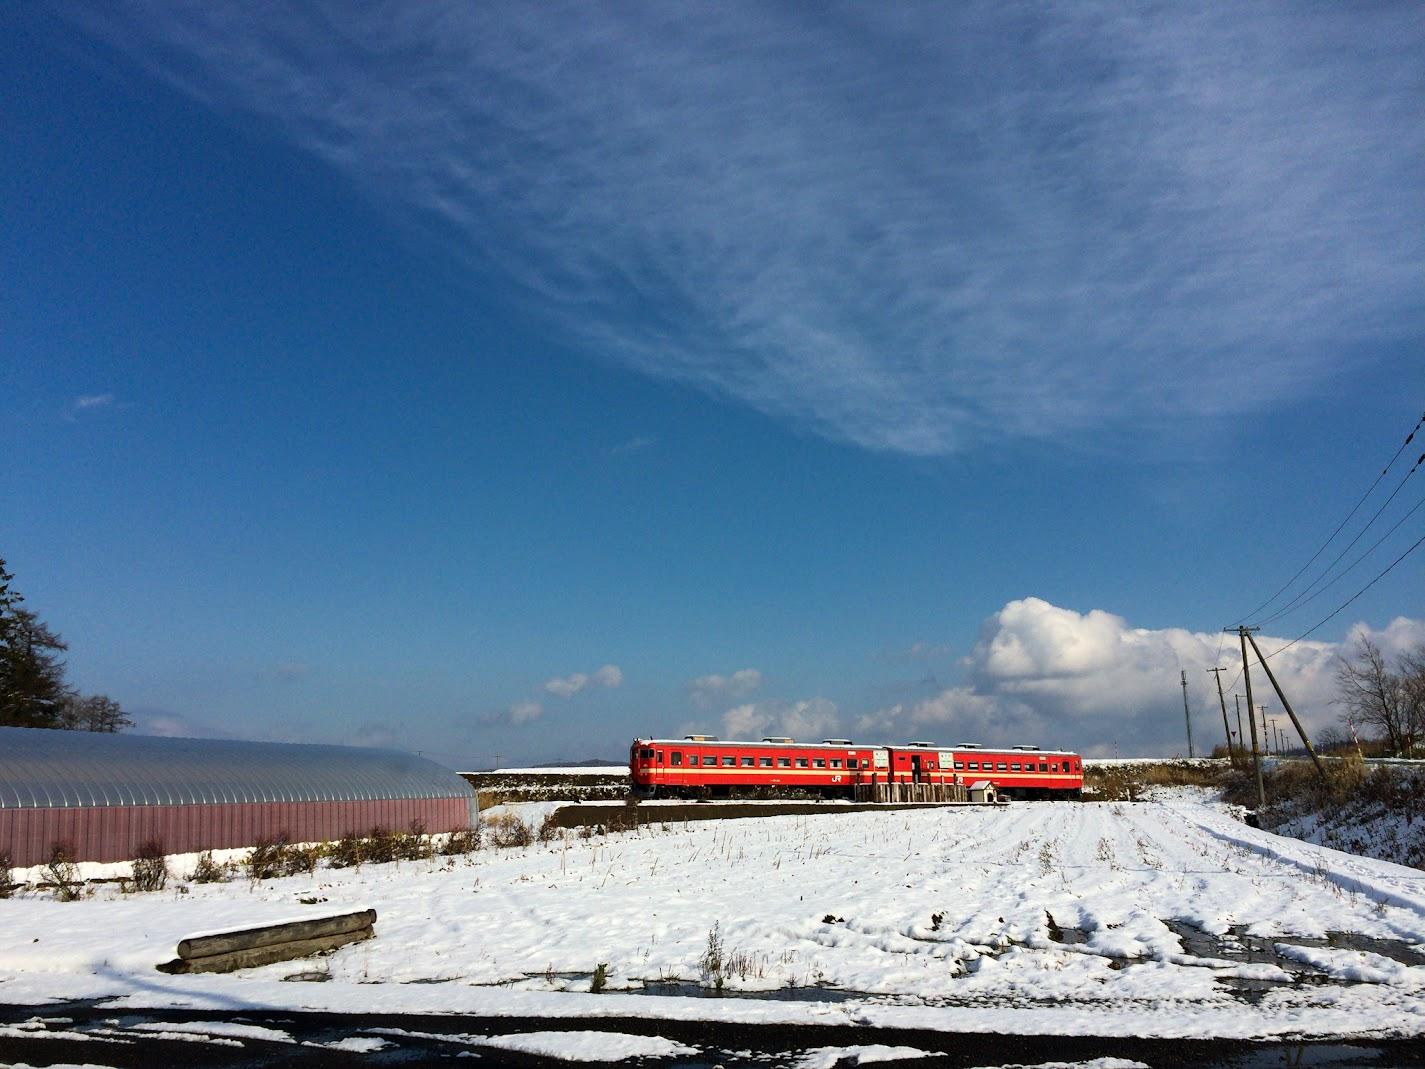 青い空と白い雪と赤い電車の風景